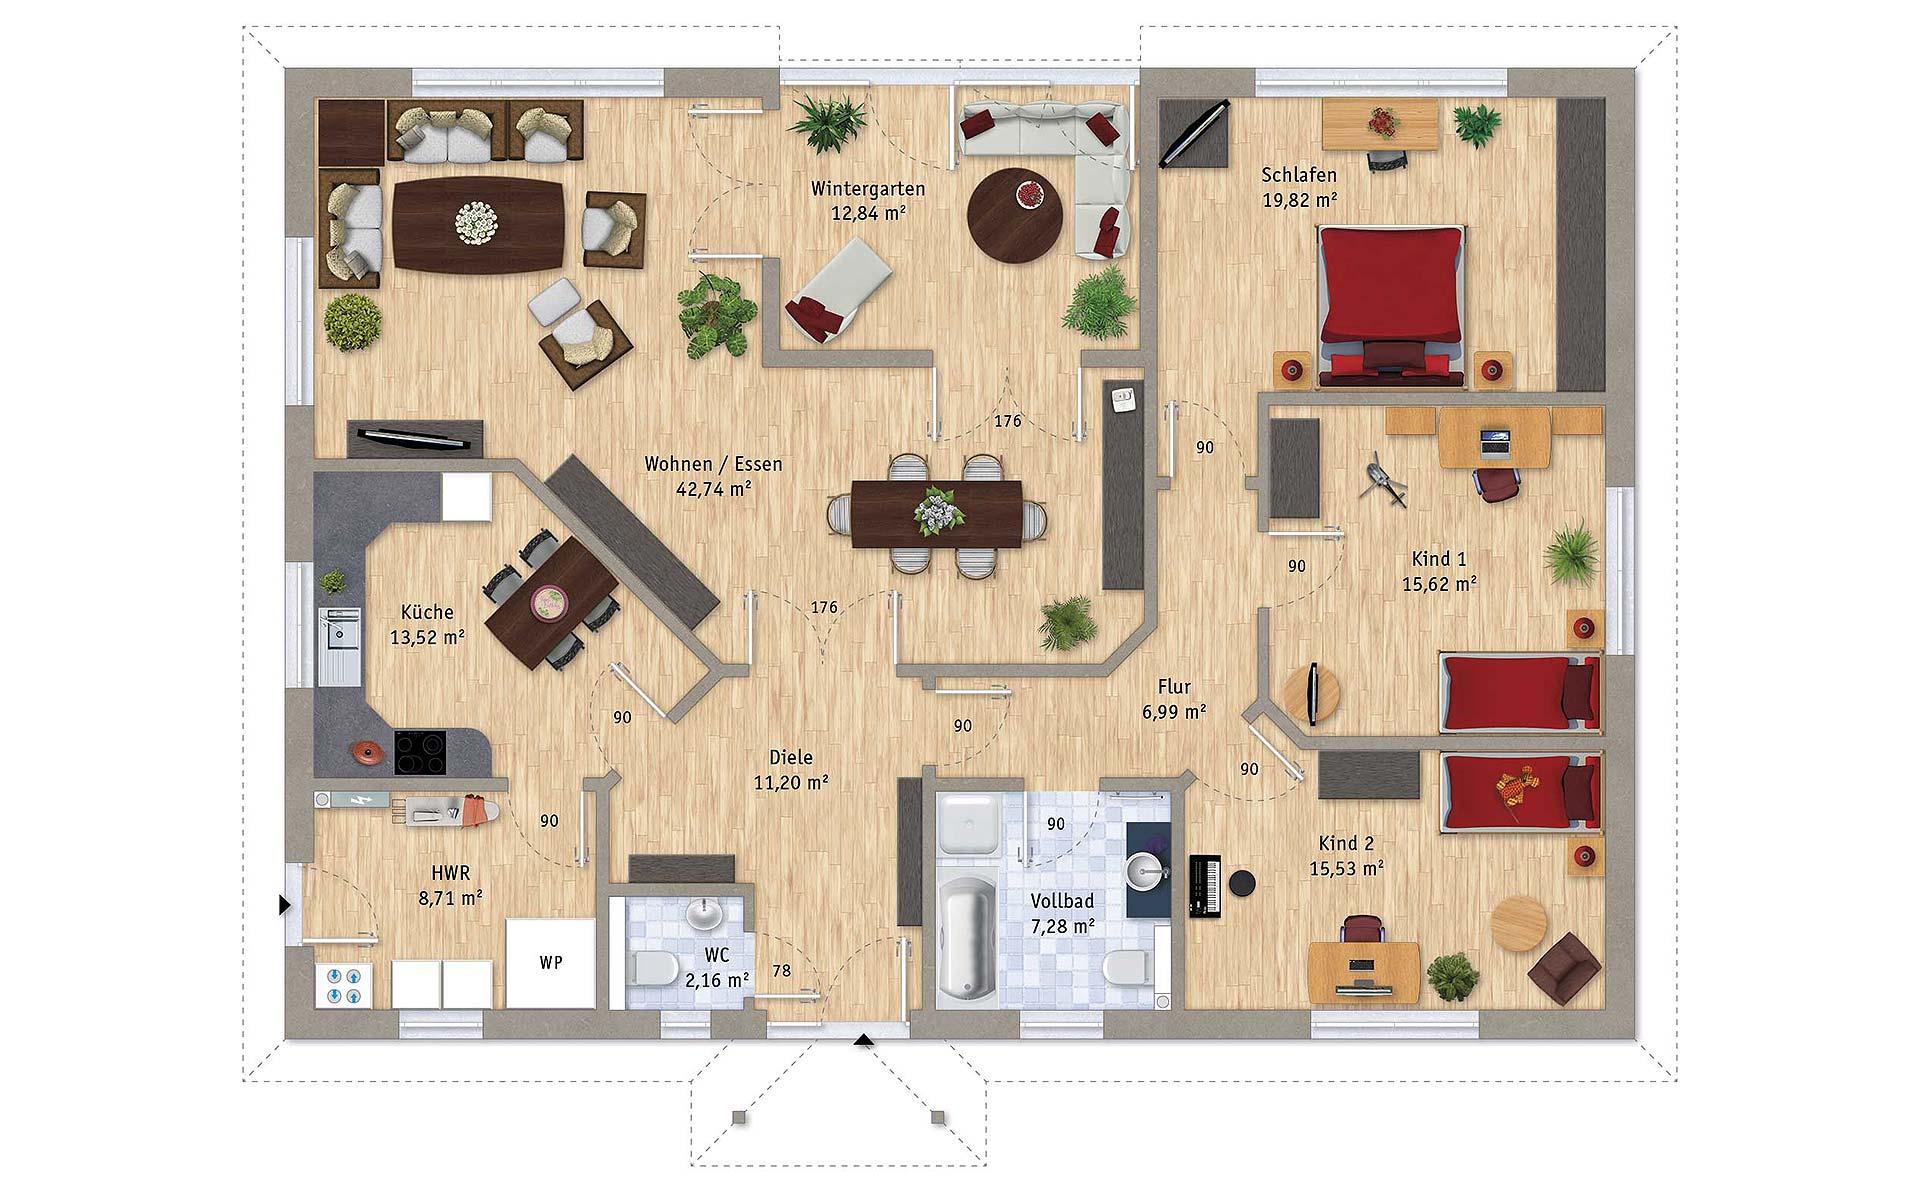 Erdgeschoss VarioCorner 156 von VarioSelf Lizenzgesellschaft mbH